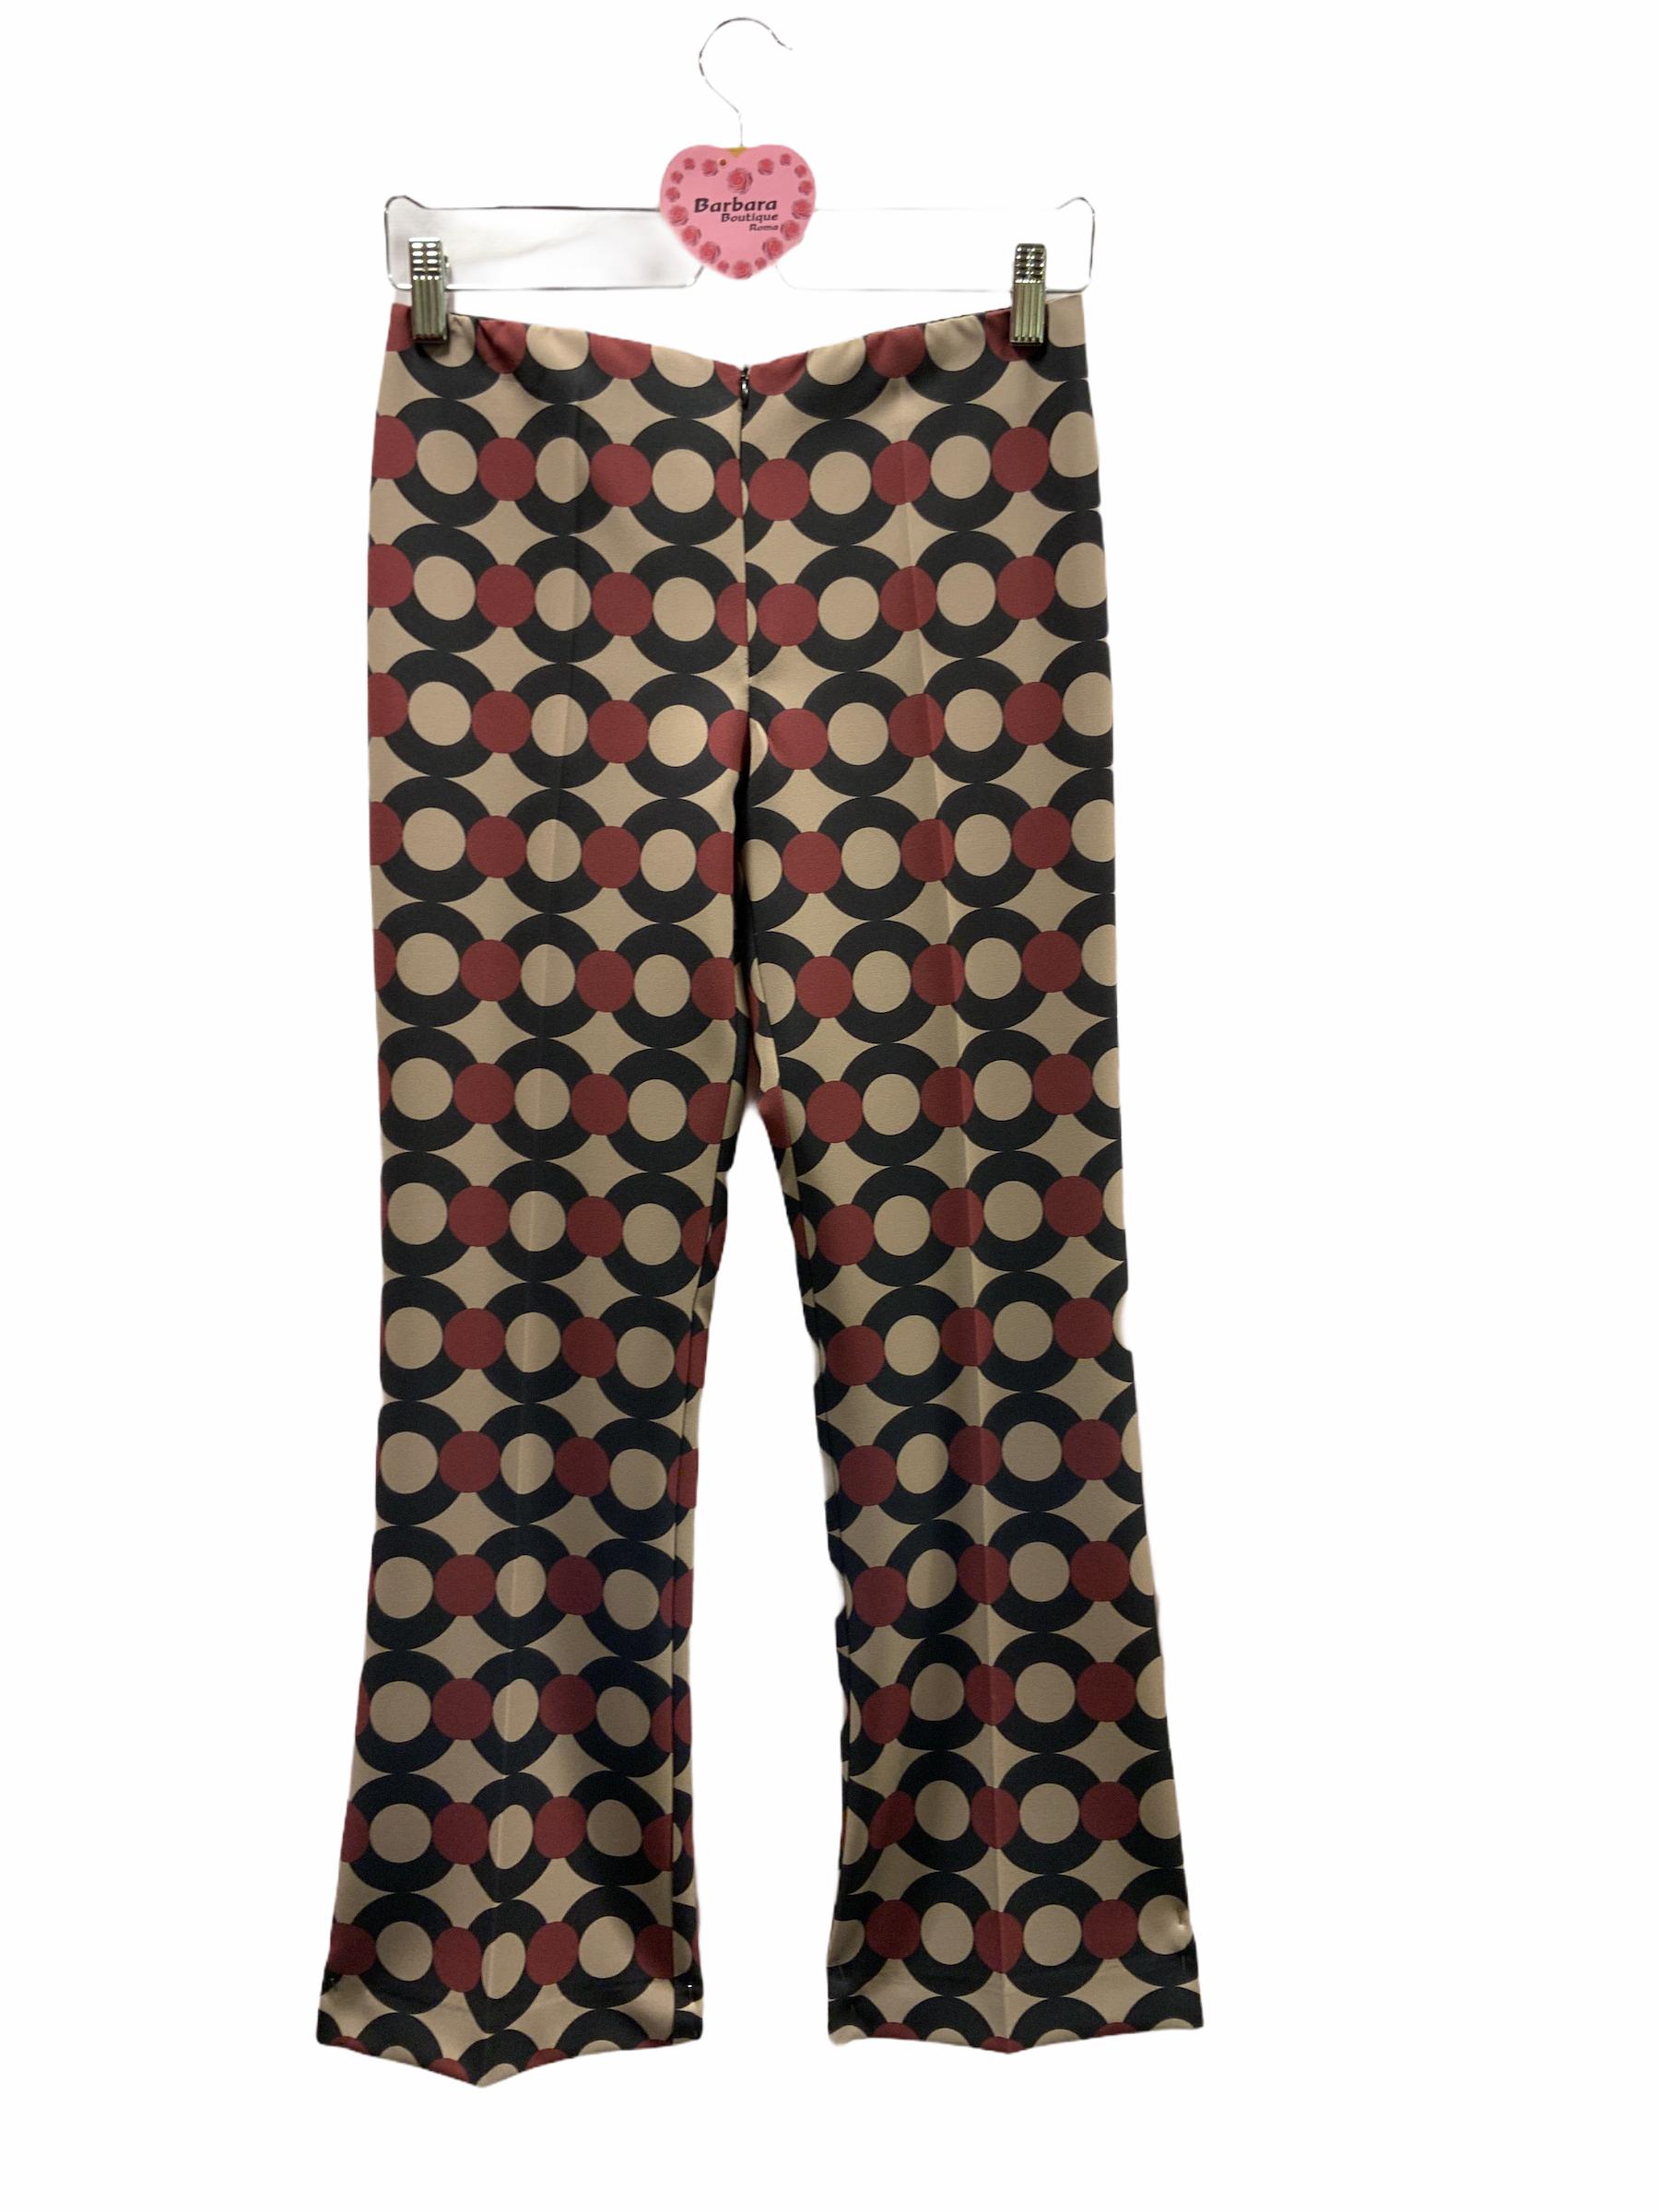 Pantalone zampetta cerchi